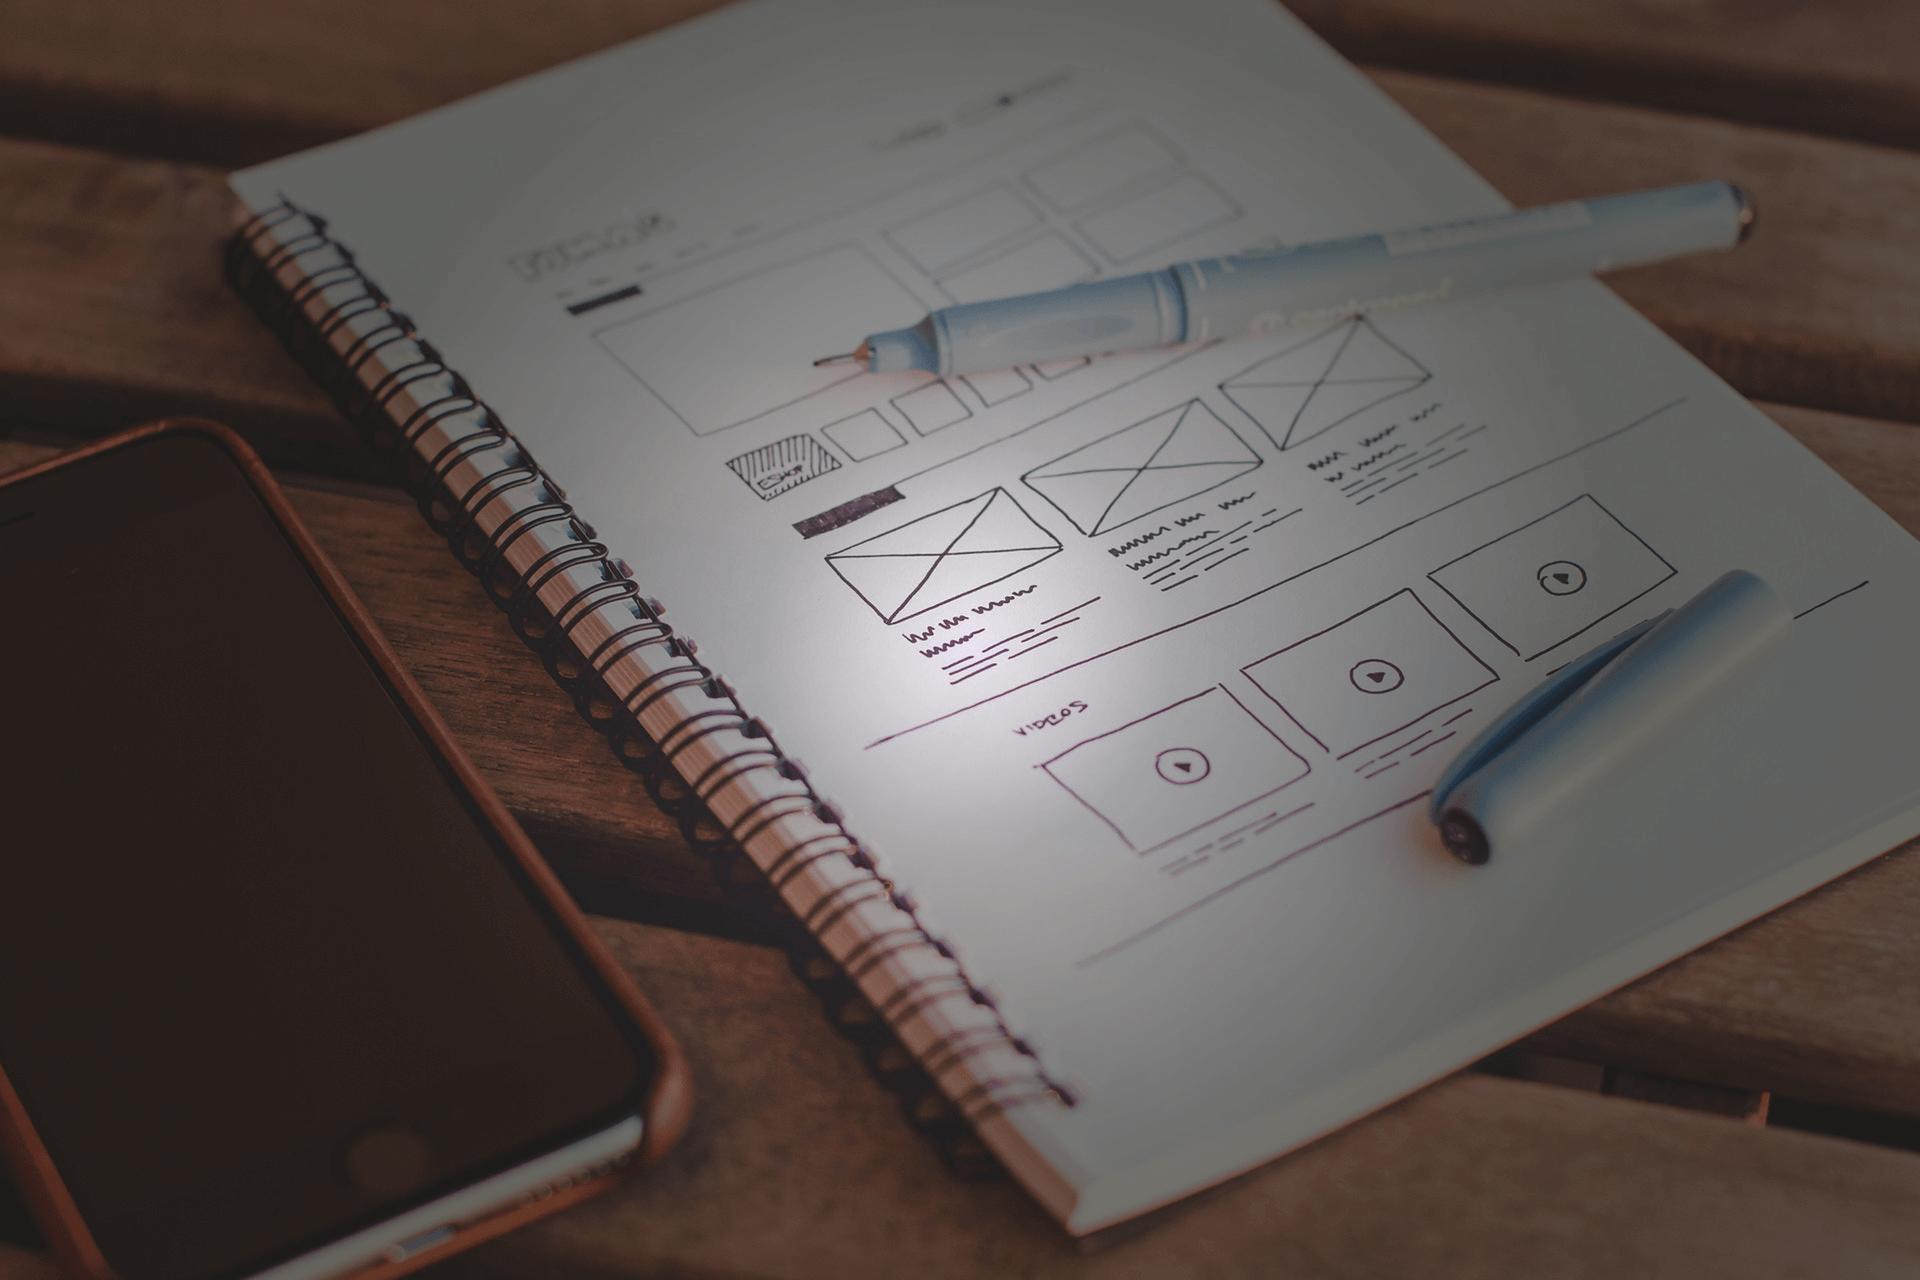 Un diseño de sitio web sobresaliente